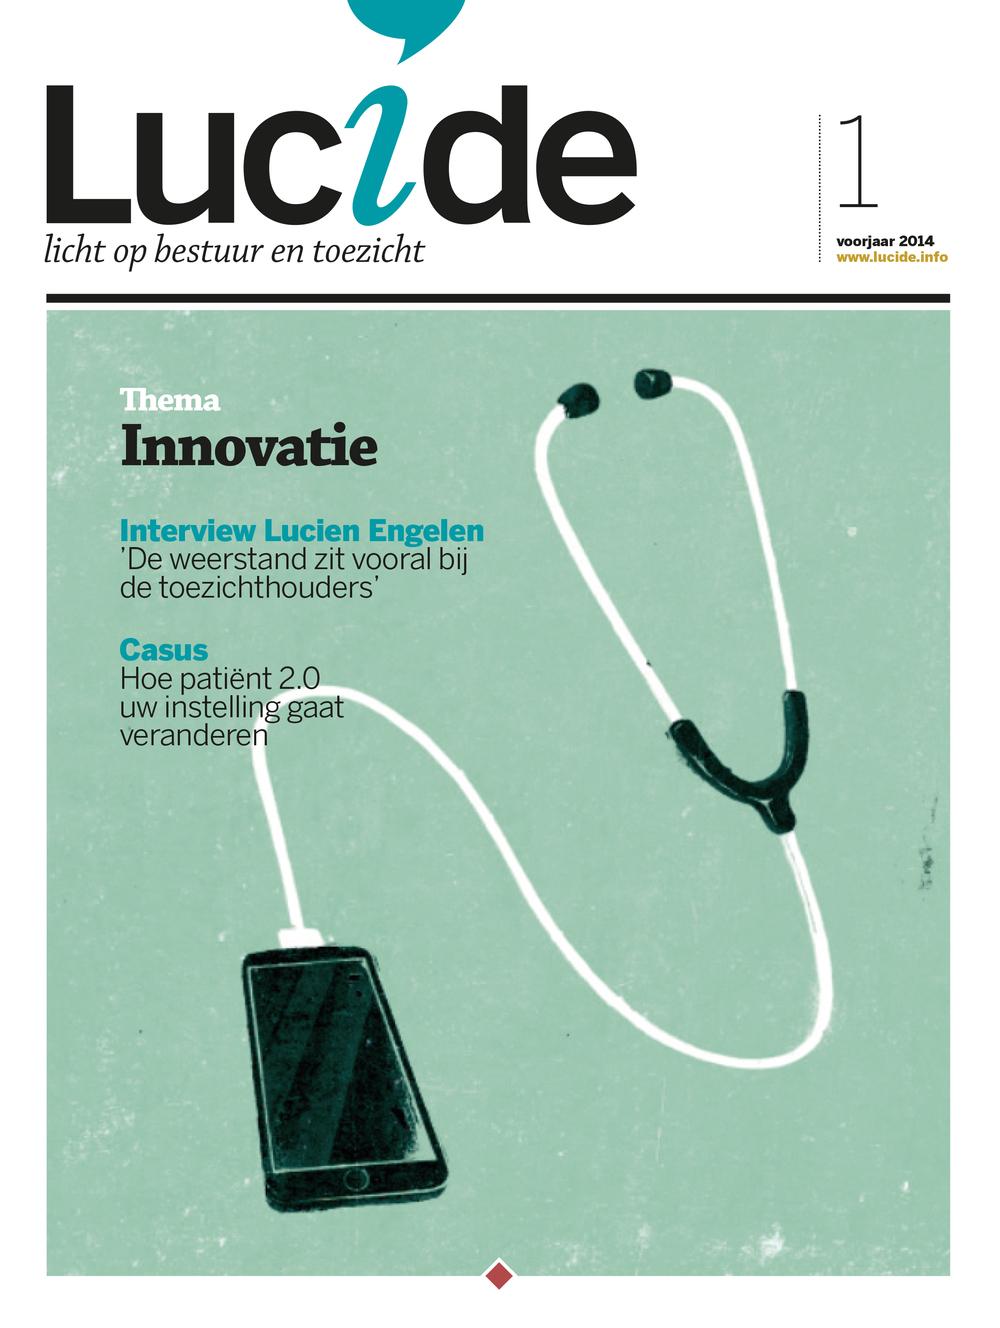 Lucide_cover.jpg